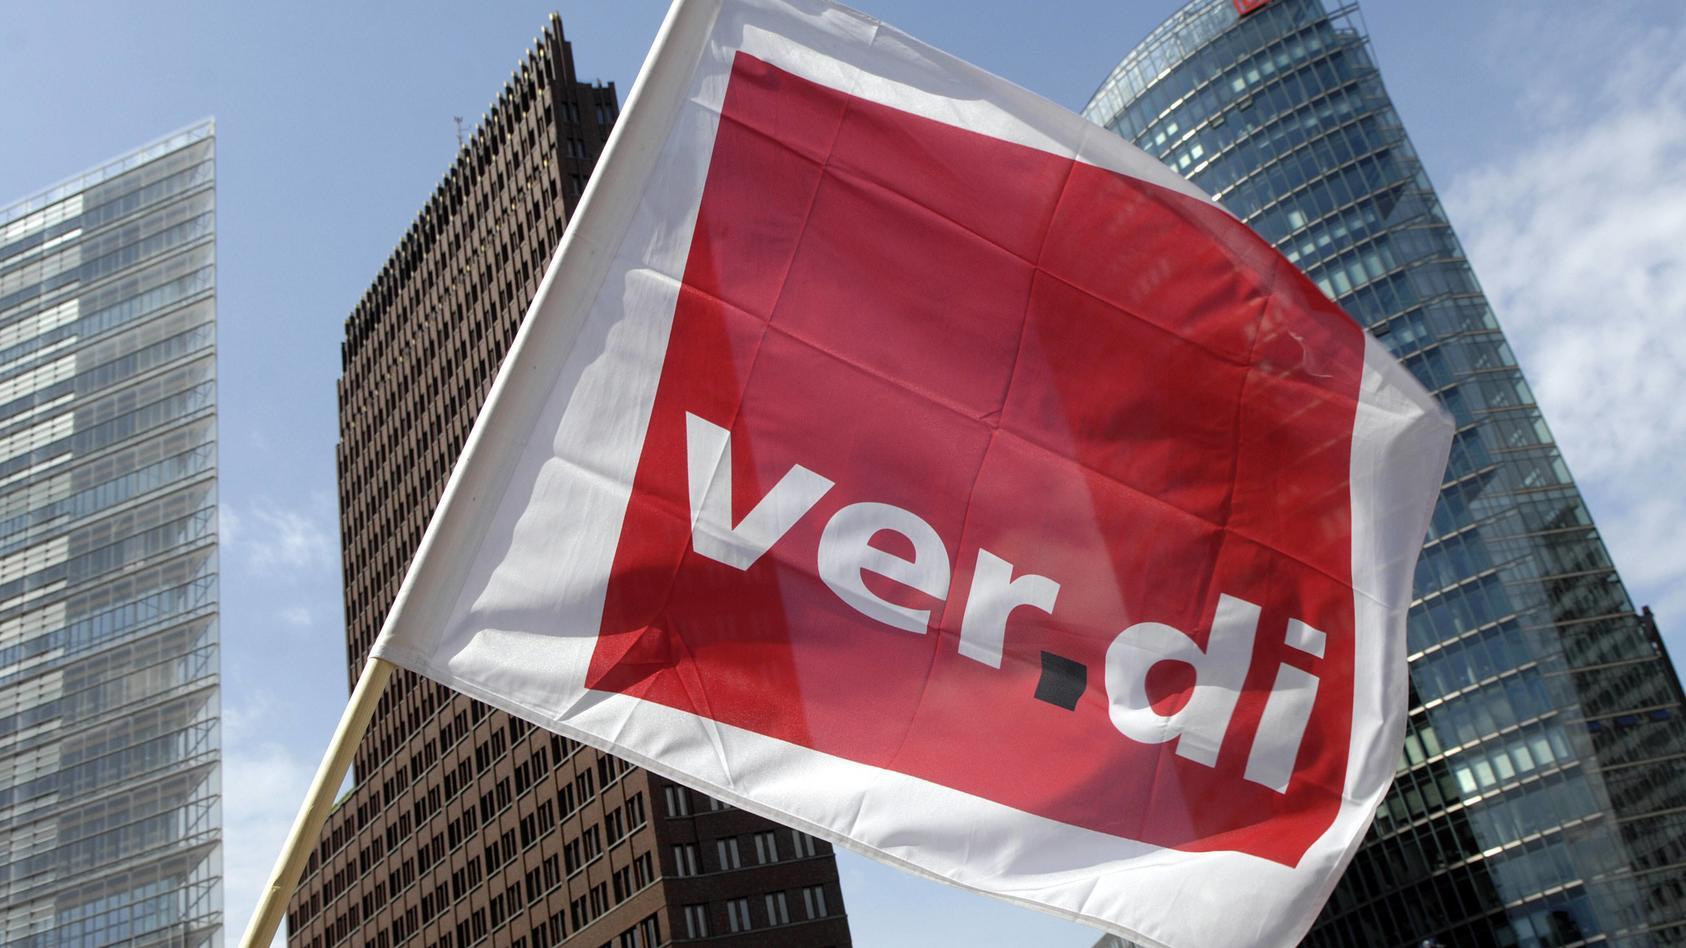 Verdi-Fahne während einer Demonstration gegen die Abschaffung des Briefmonopols der Post in Berlin